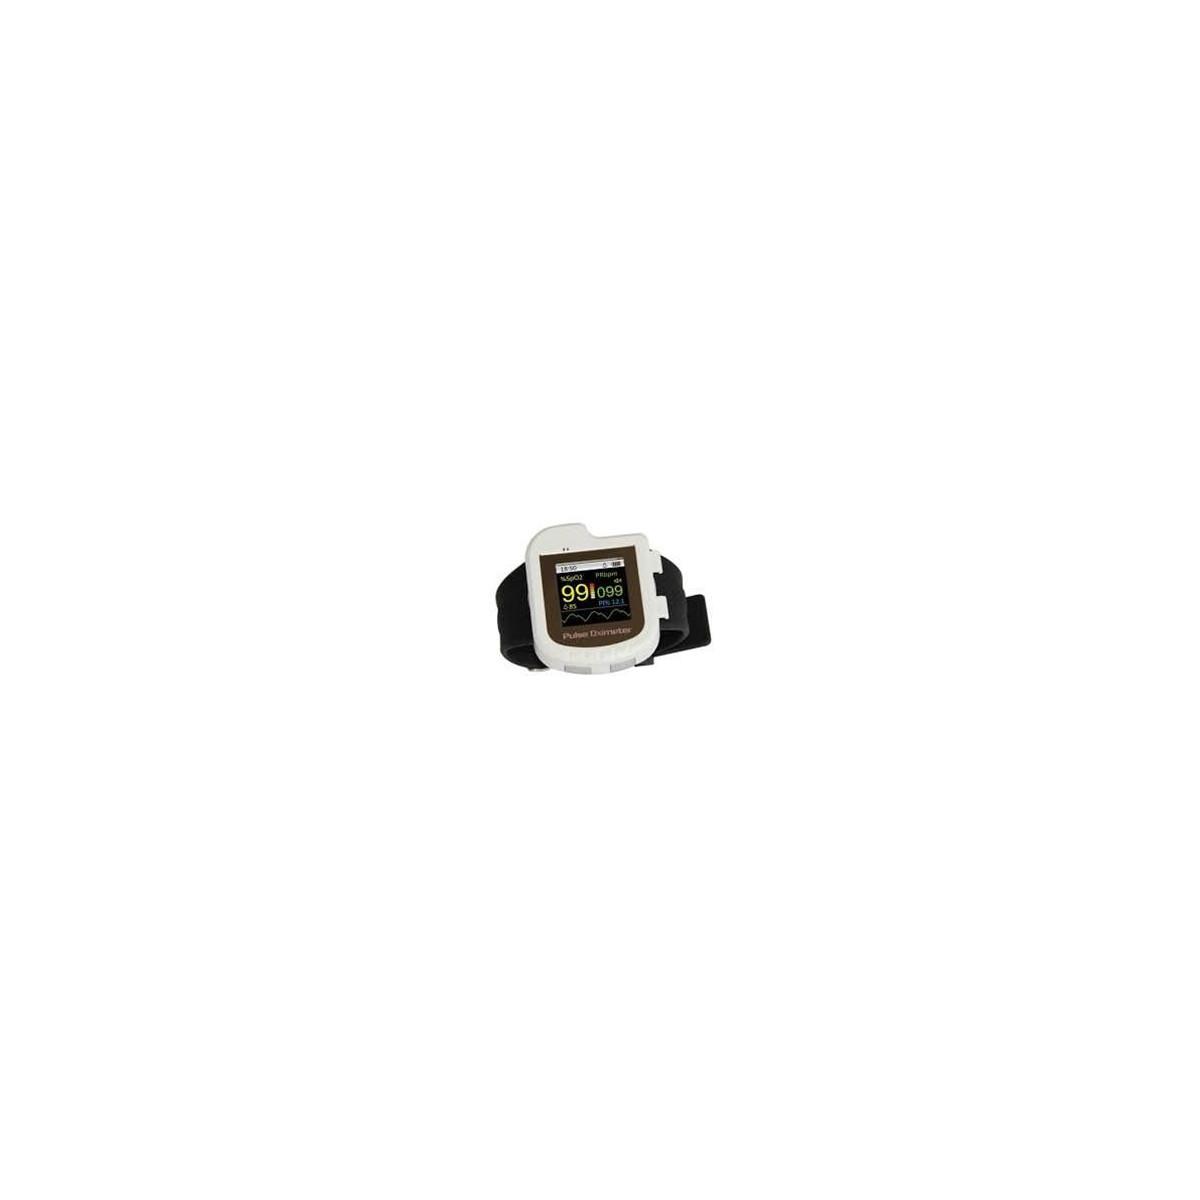 Oximeter wrist - watch with registration My-SPO2 Watch